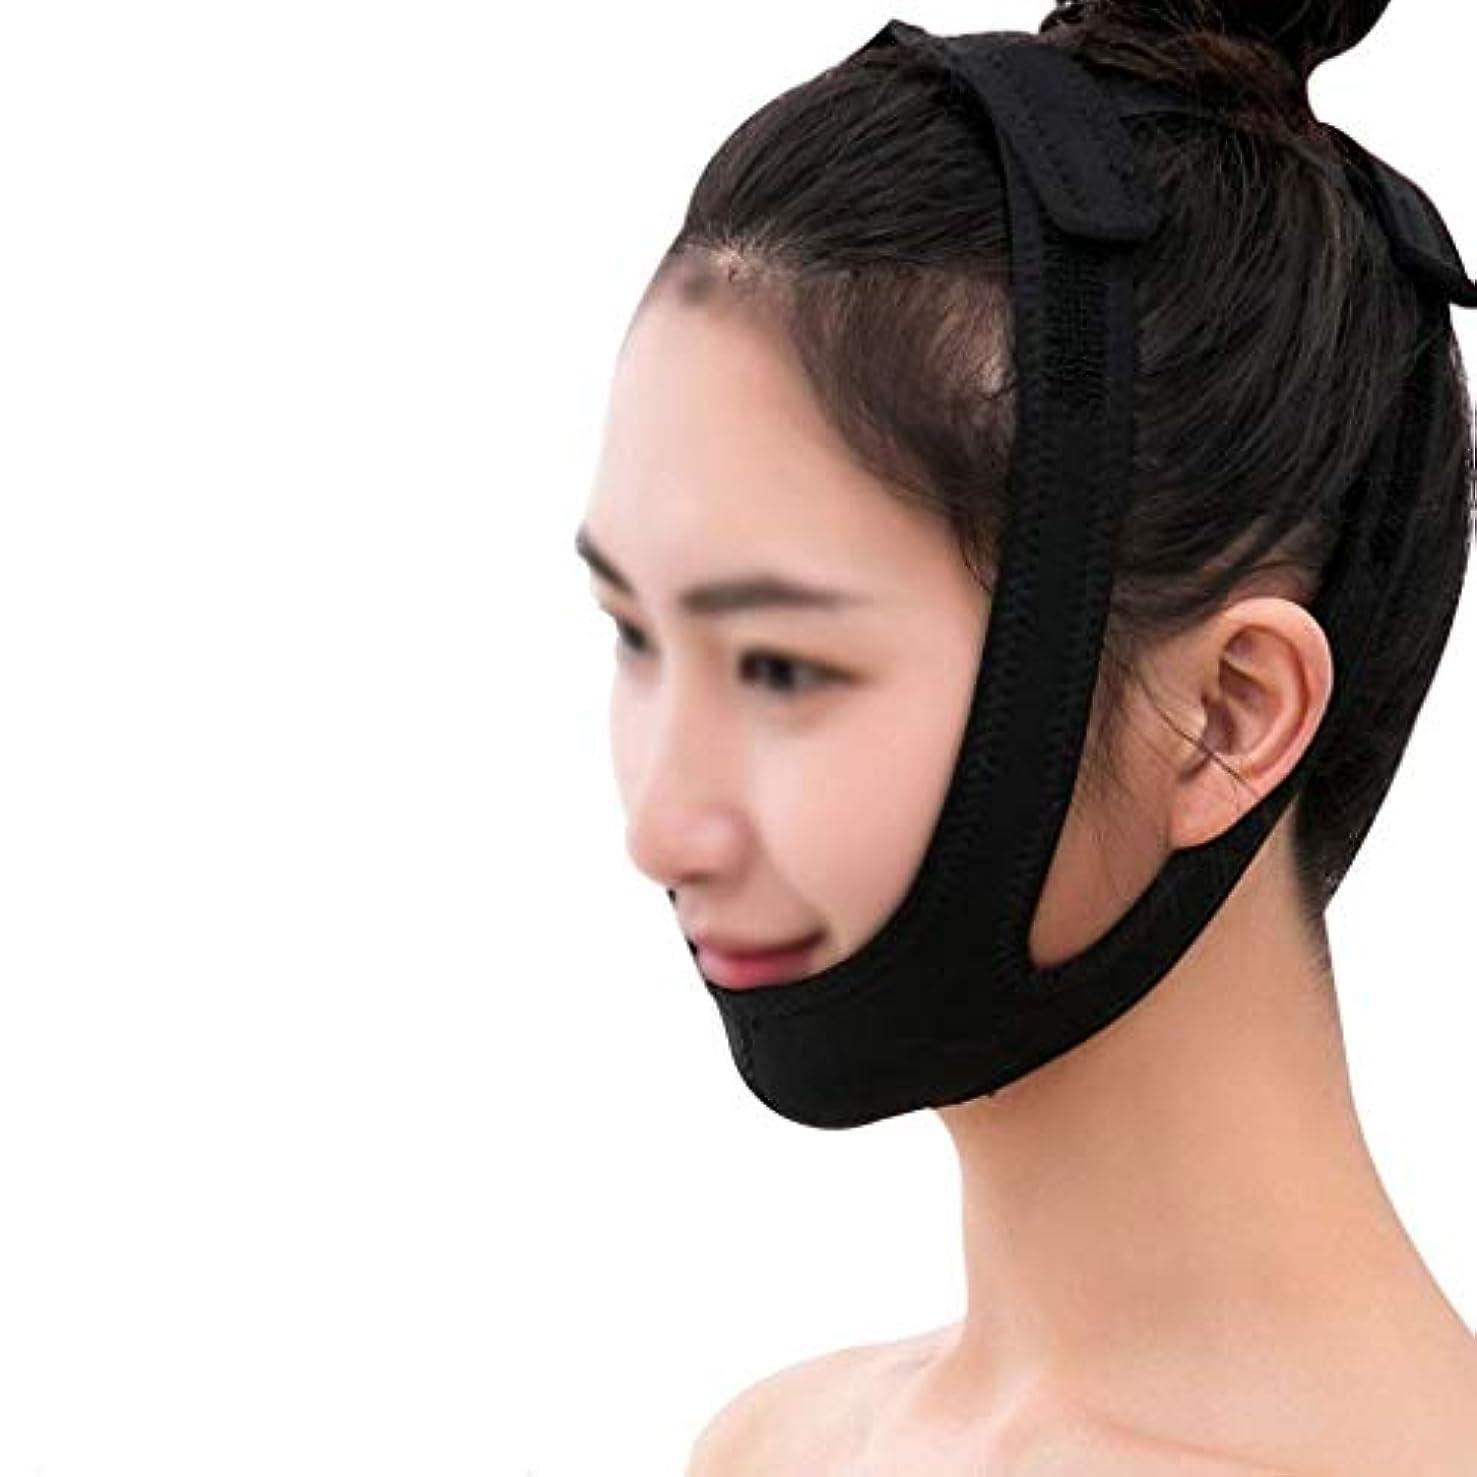 徹底覚えている偏差フェイシャルリフティングマスク、医療用ワイヤーカービングリカバリーヘッドギアVフェイスバンデージダブルチンフェイスリフトマスク